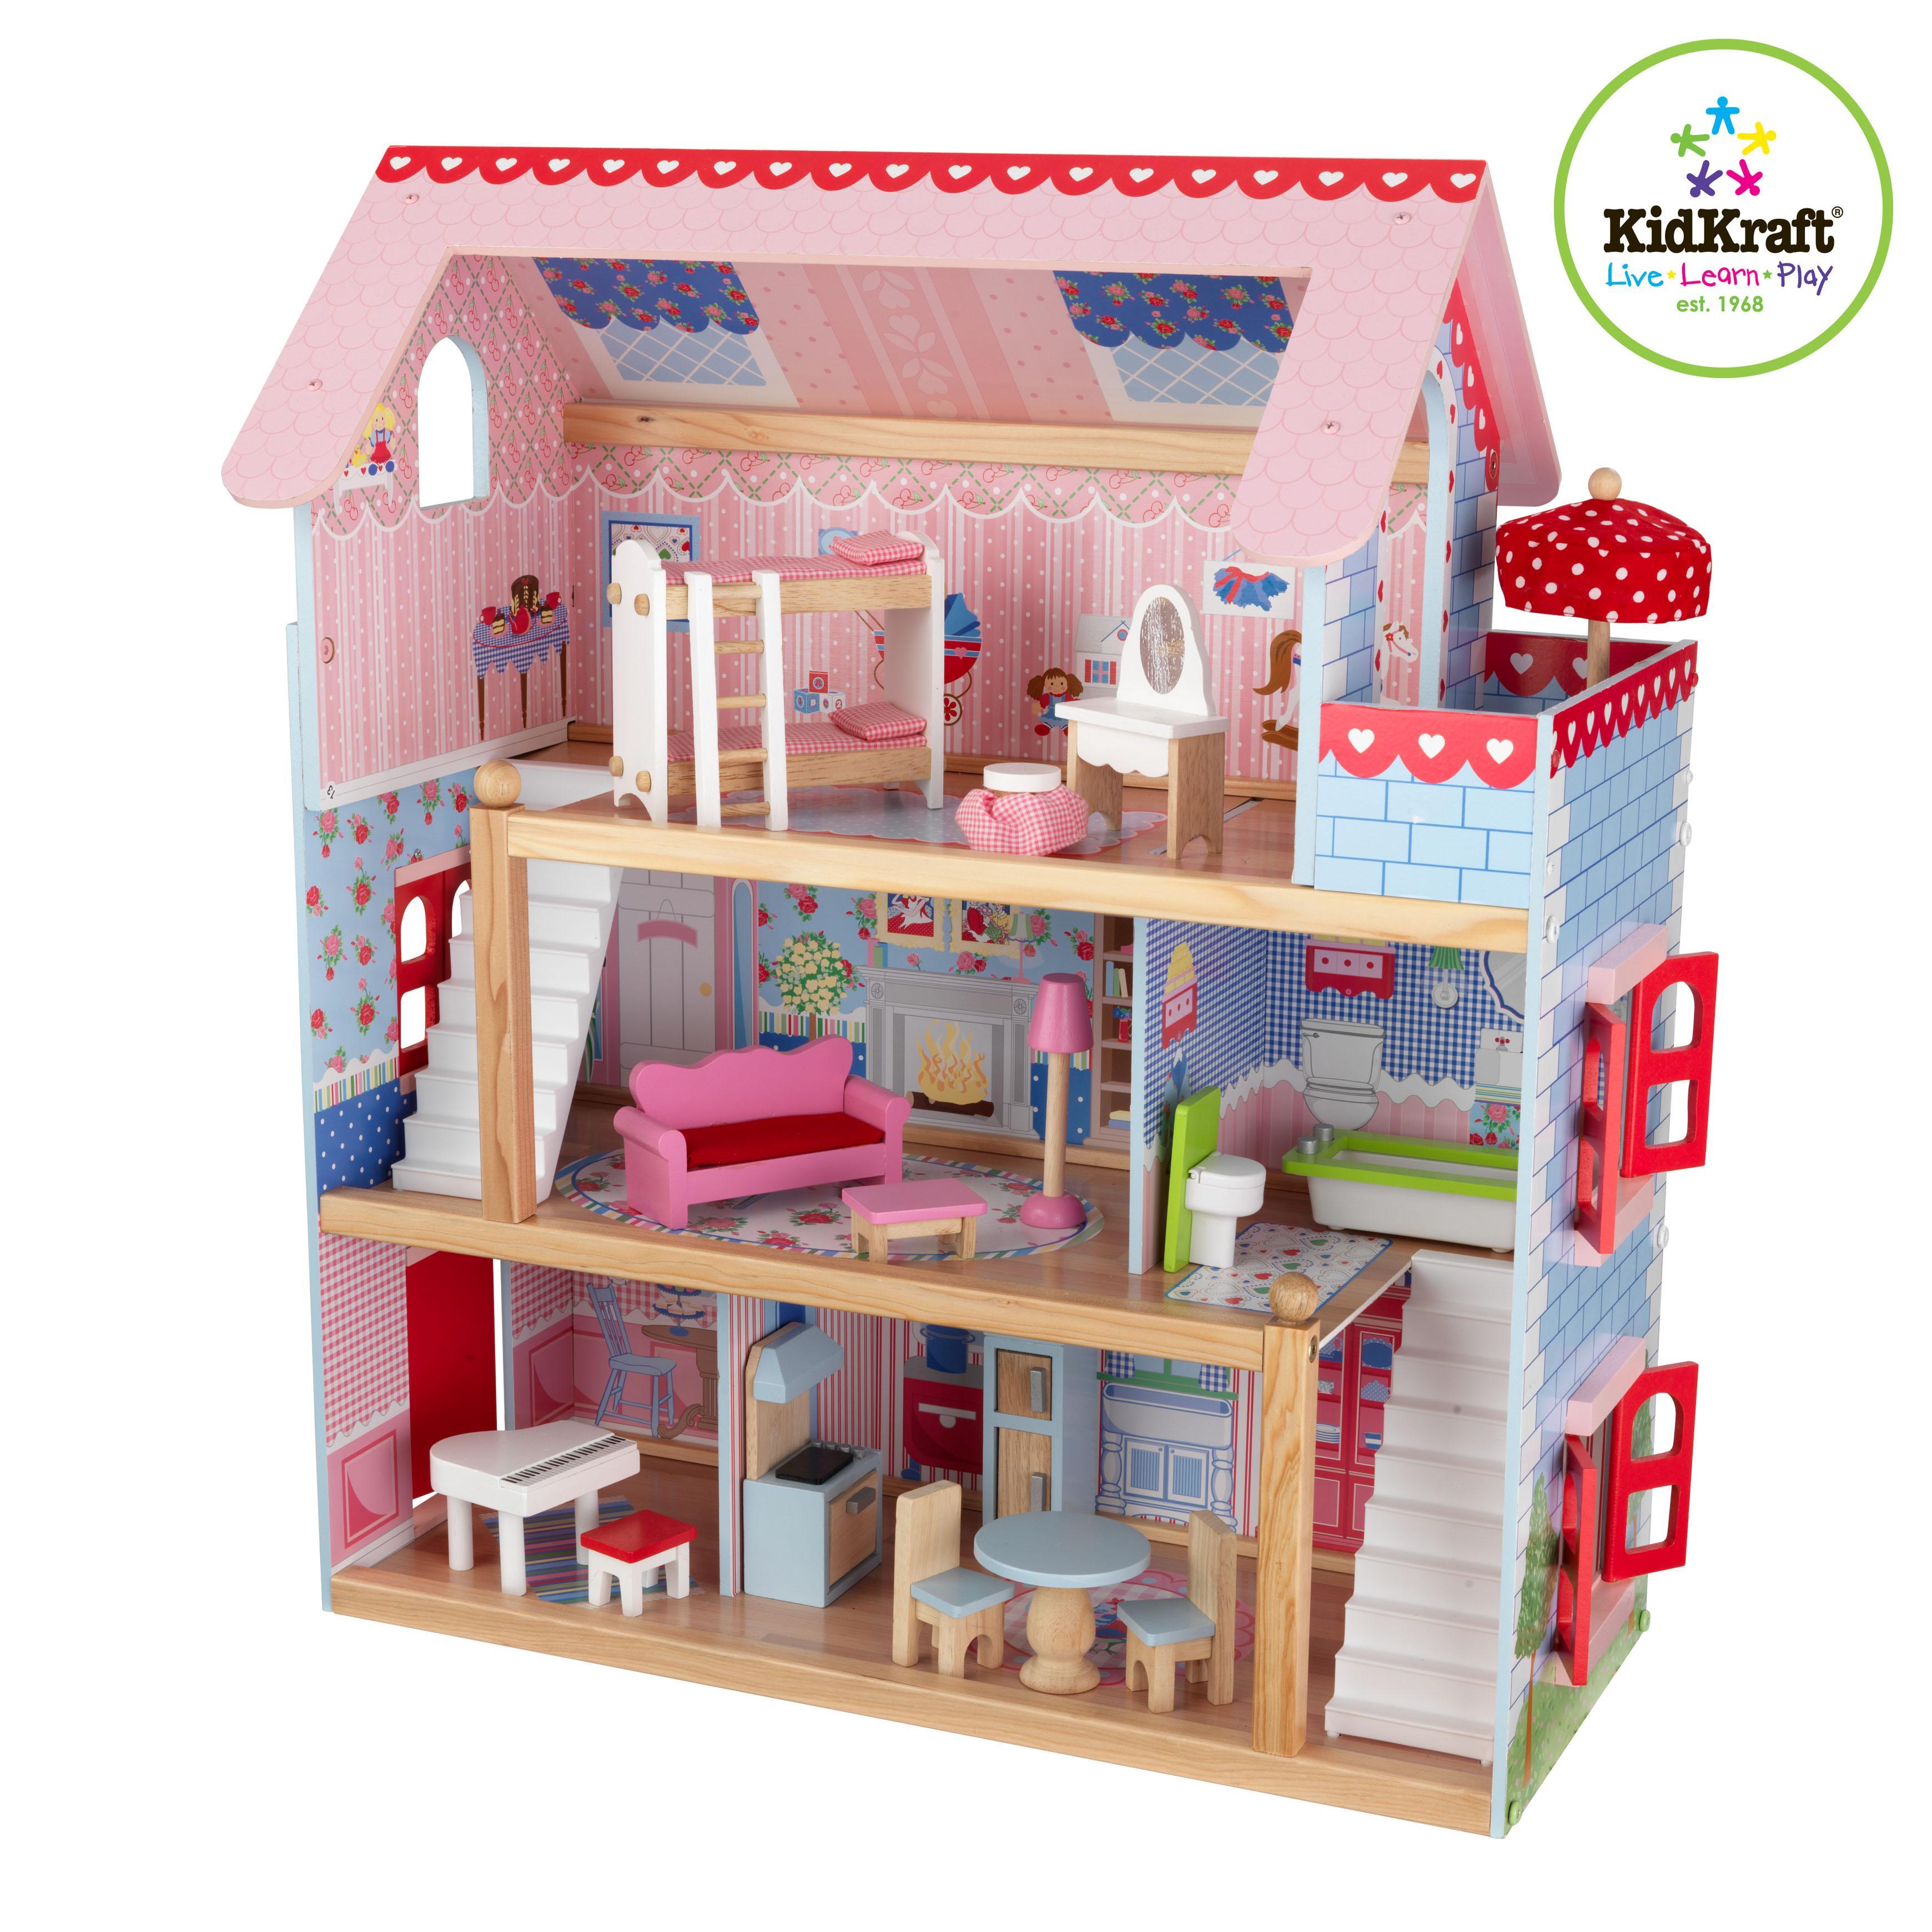 kidkraft, chelsea, casa de muñecas chelsea, casa de muñecas kidkraft